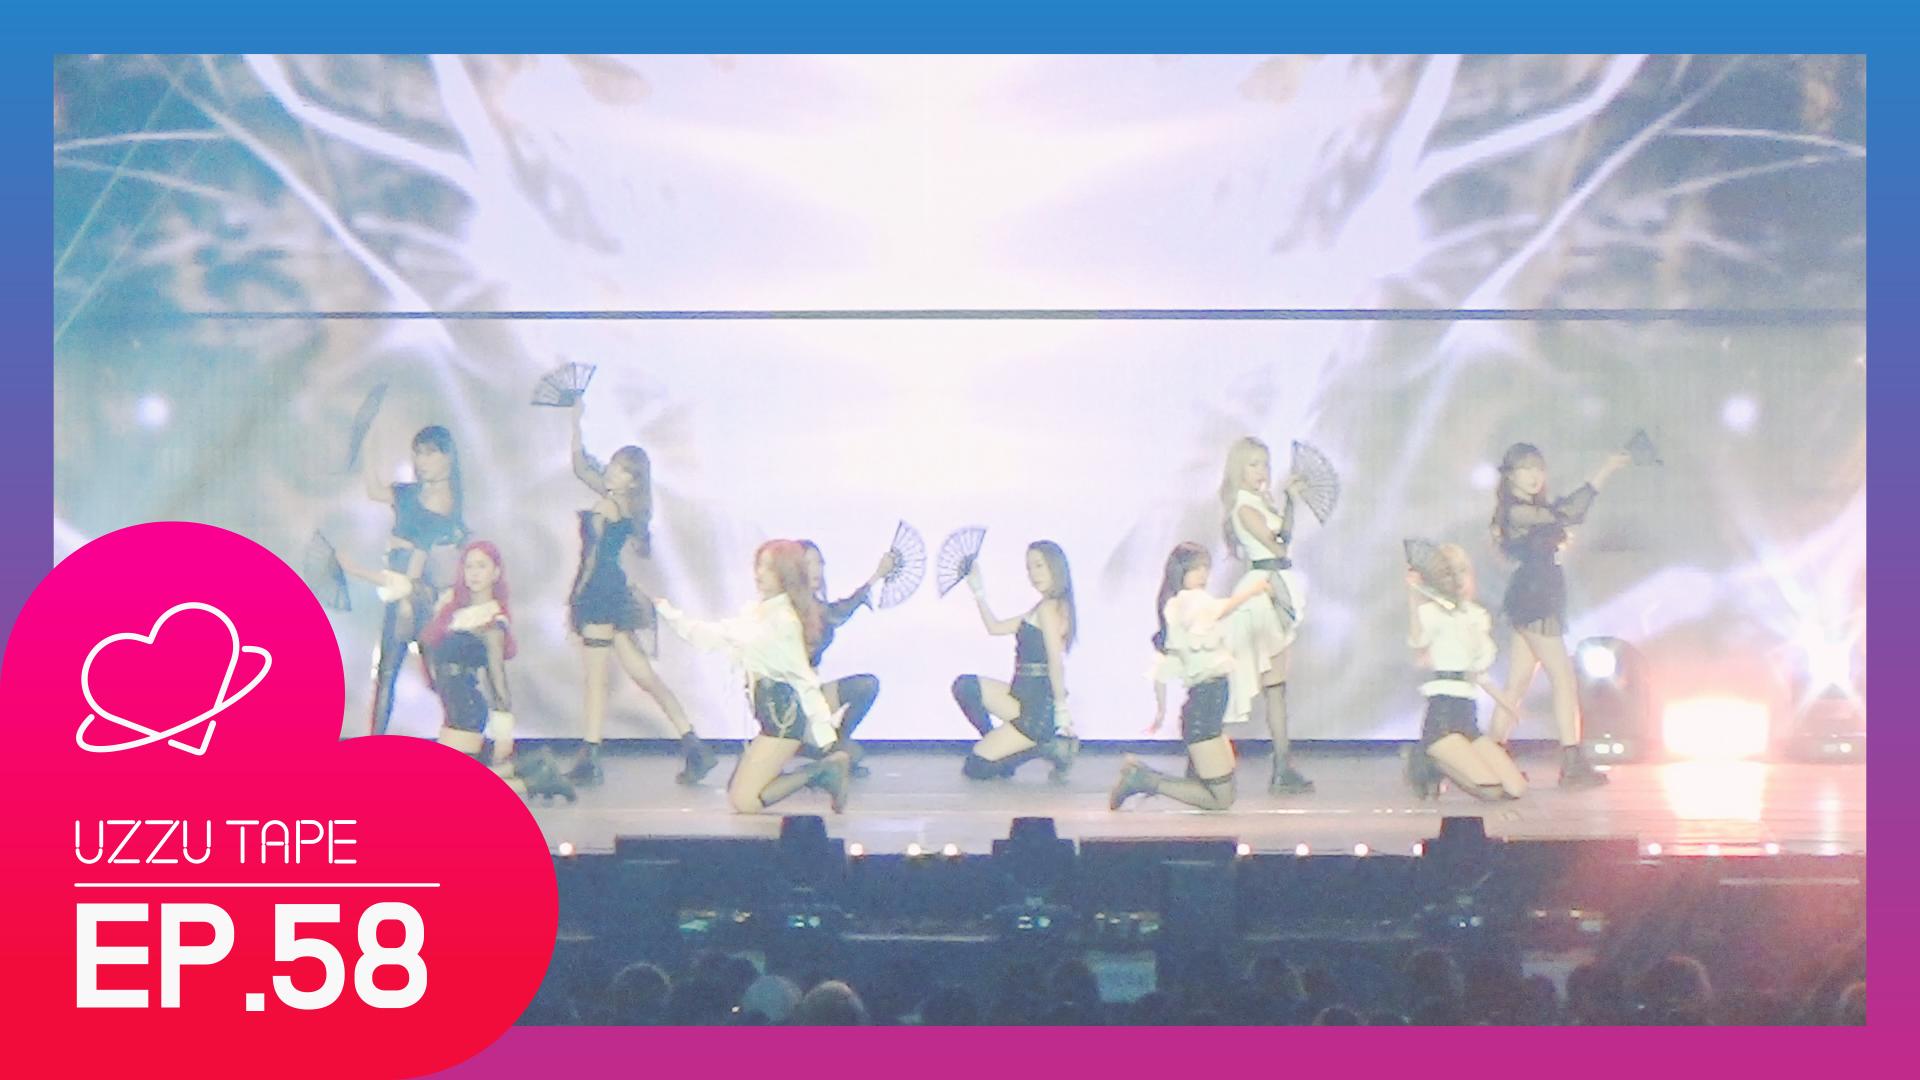 [UZZU TAPE] EP.58 2018 AAA 시상식 비하인드!